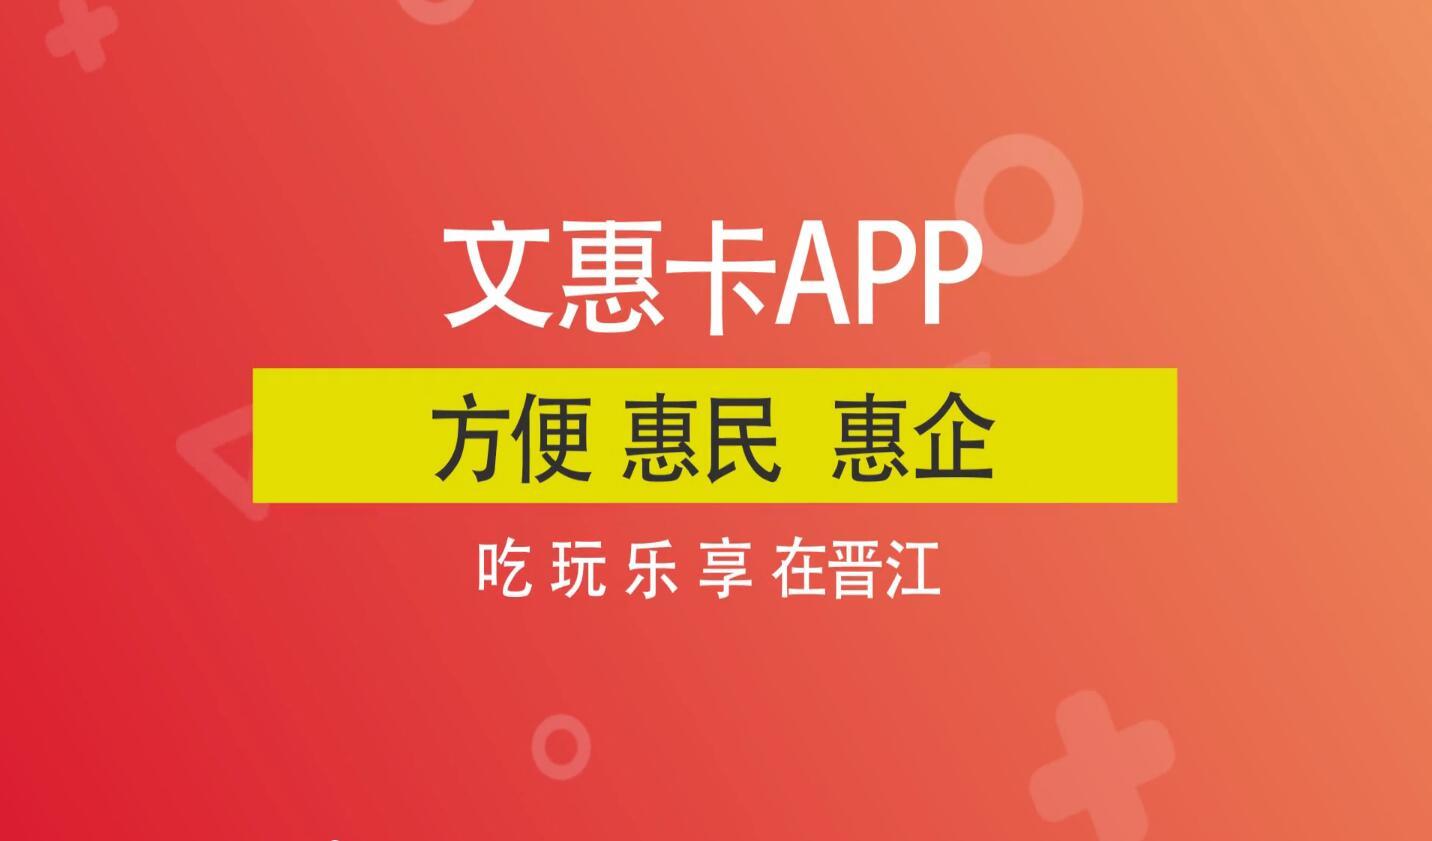 晋江市文惠卡宣传片